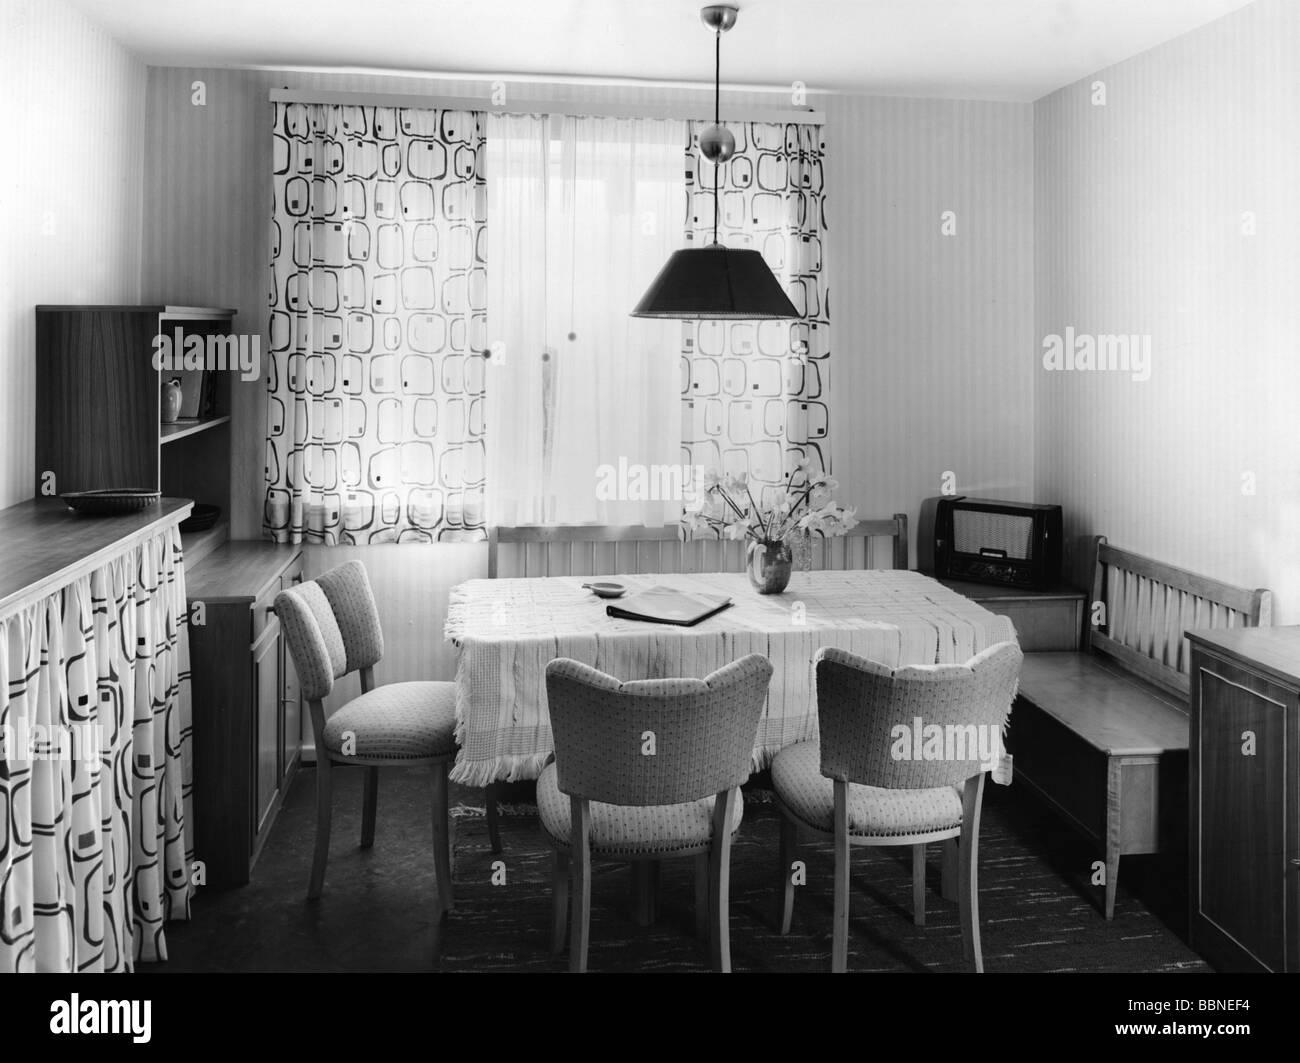 Wohnung Esszimmer Wohnbereich Mit Radio 1950er 50er Jahre Mobel Rundfunk Sitze Stuhle Tisch Vorhang 20 Jahrhundert Historisch Historisch Stockfotografie Alamy